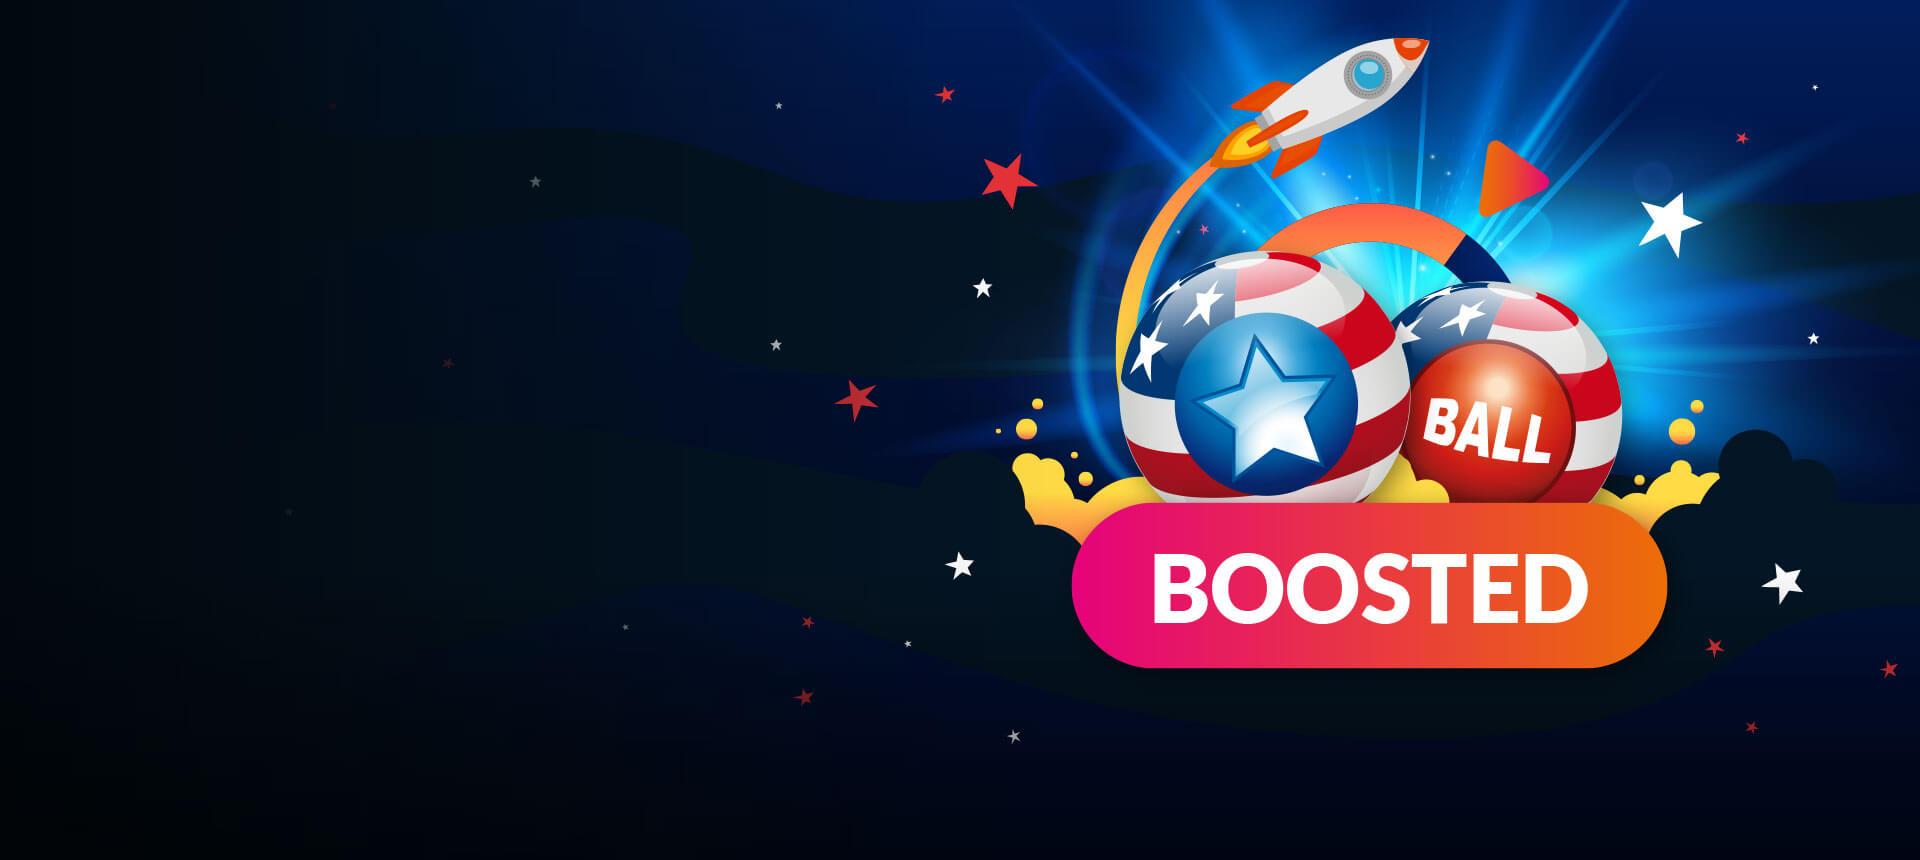 Aumenta tu pozo hasta $100m en Powerball y Mega Millions COMPLETAMENTE GRATIS!